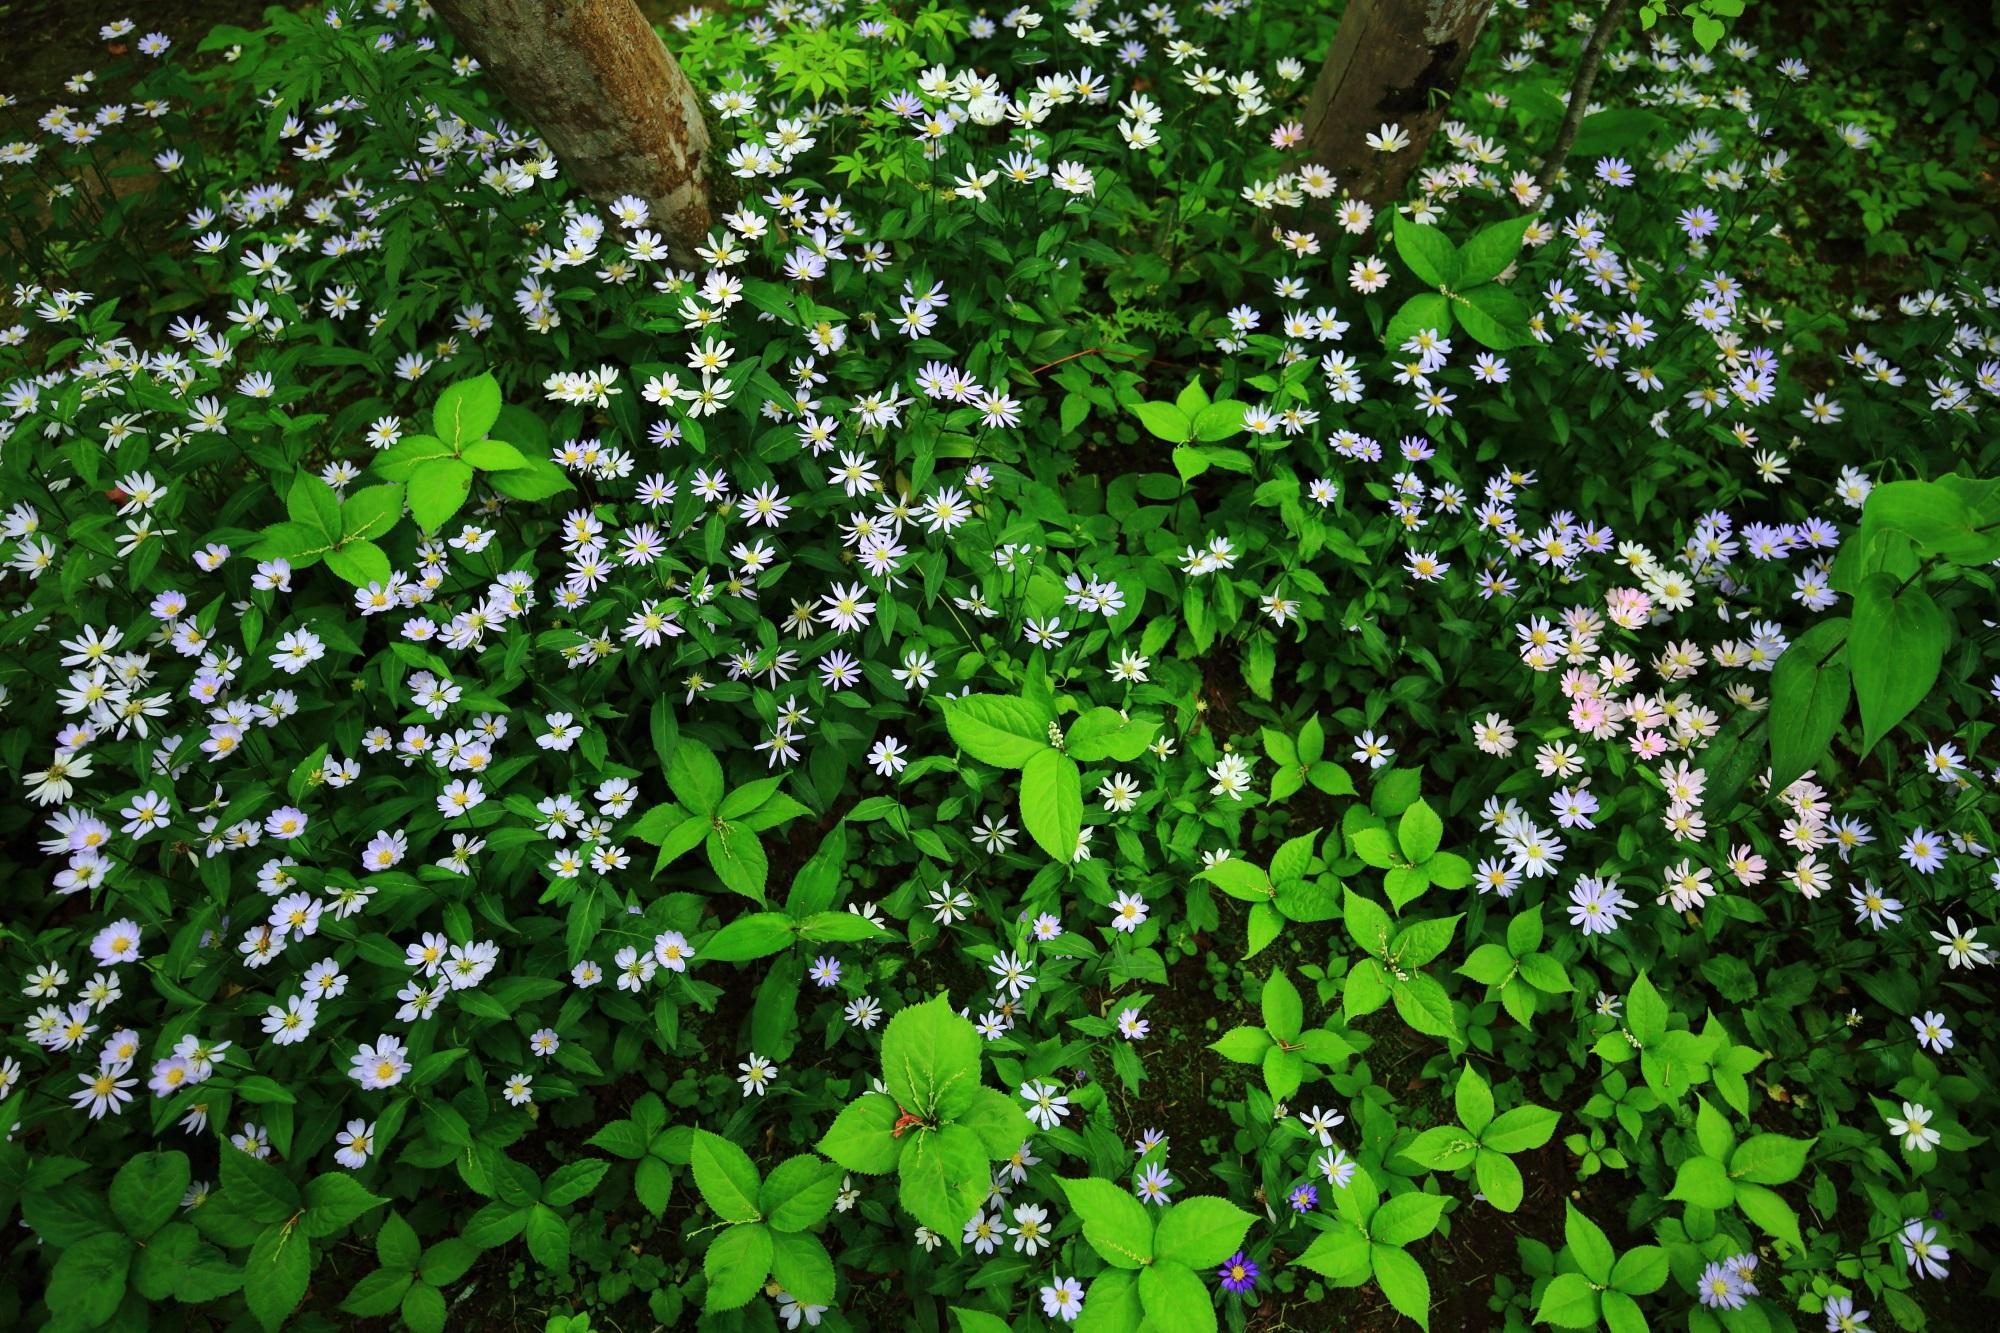 蓮華寺の可愛い花